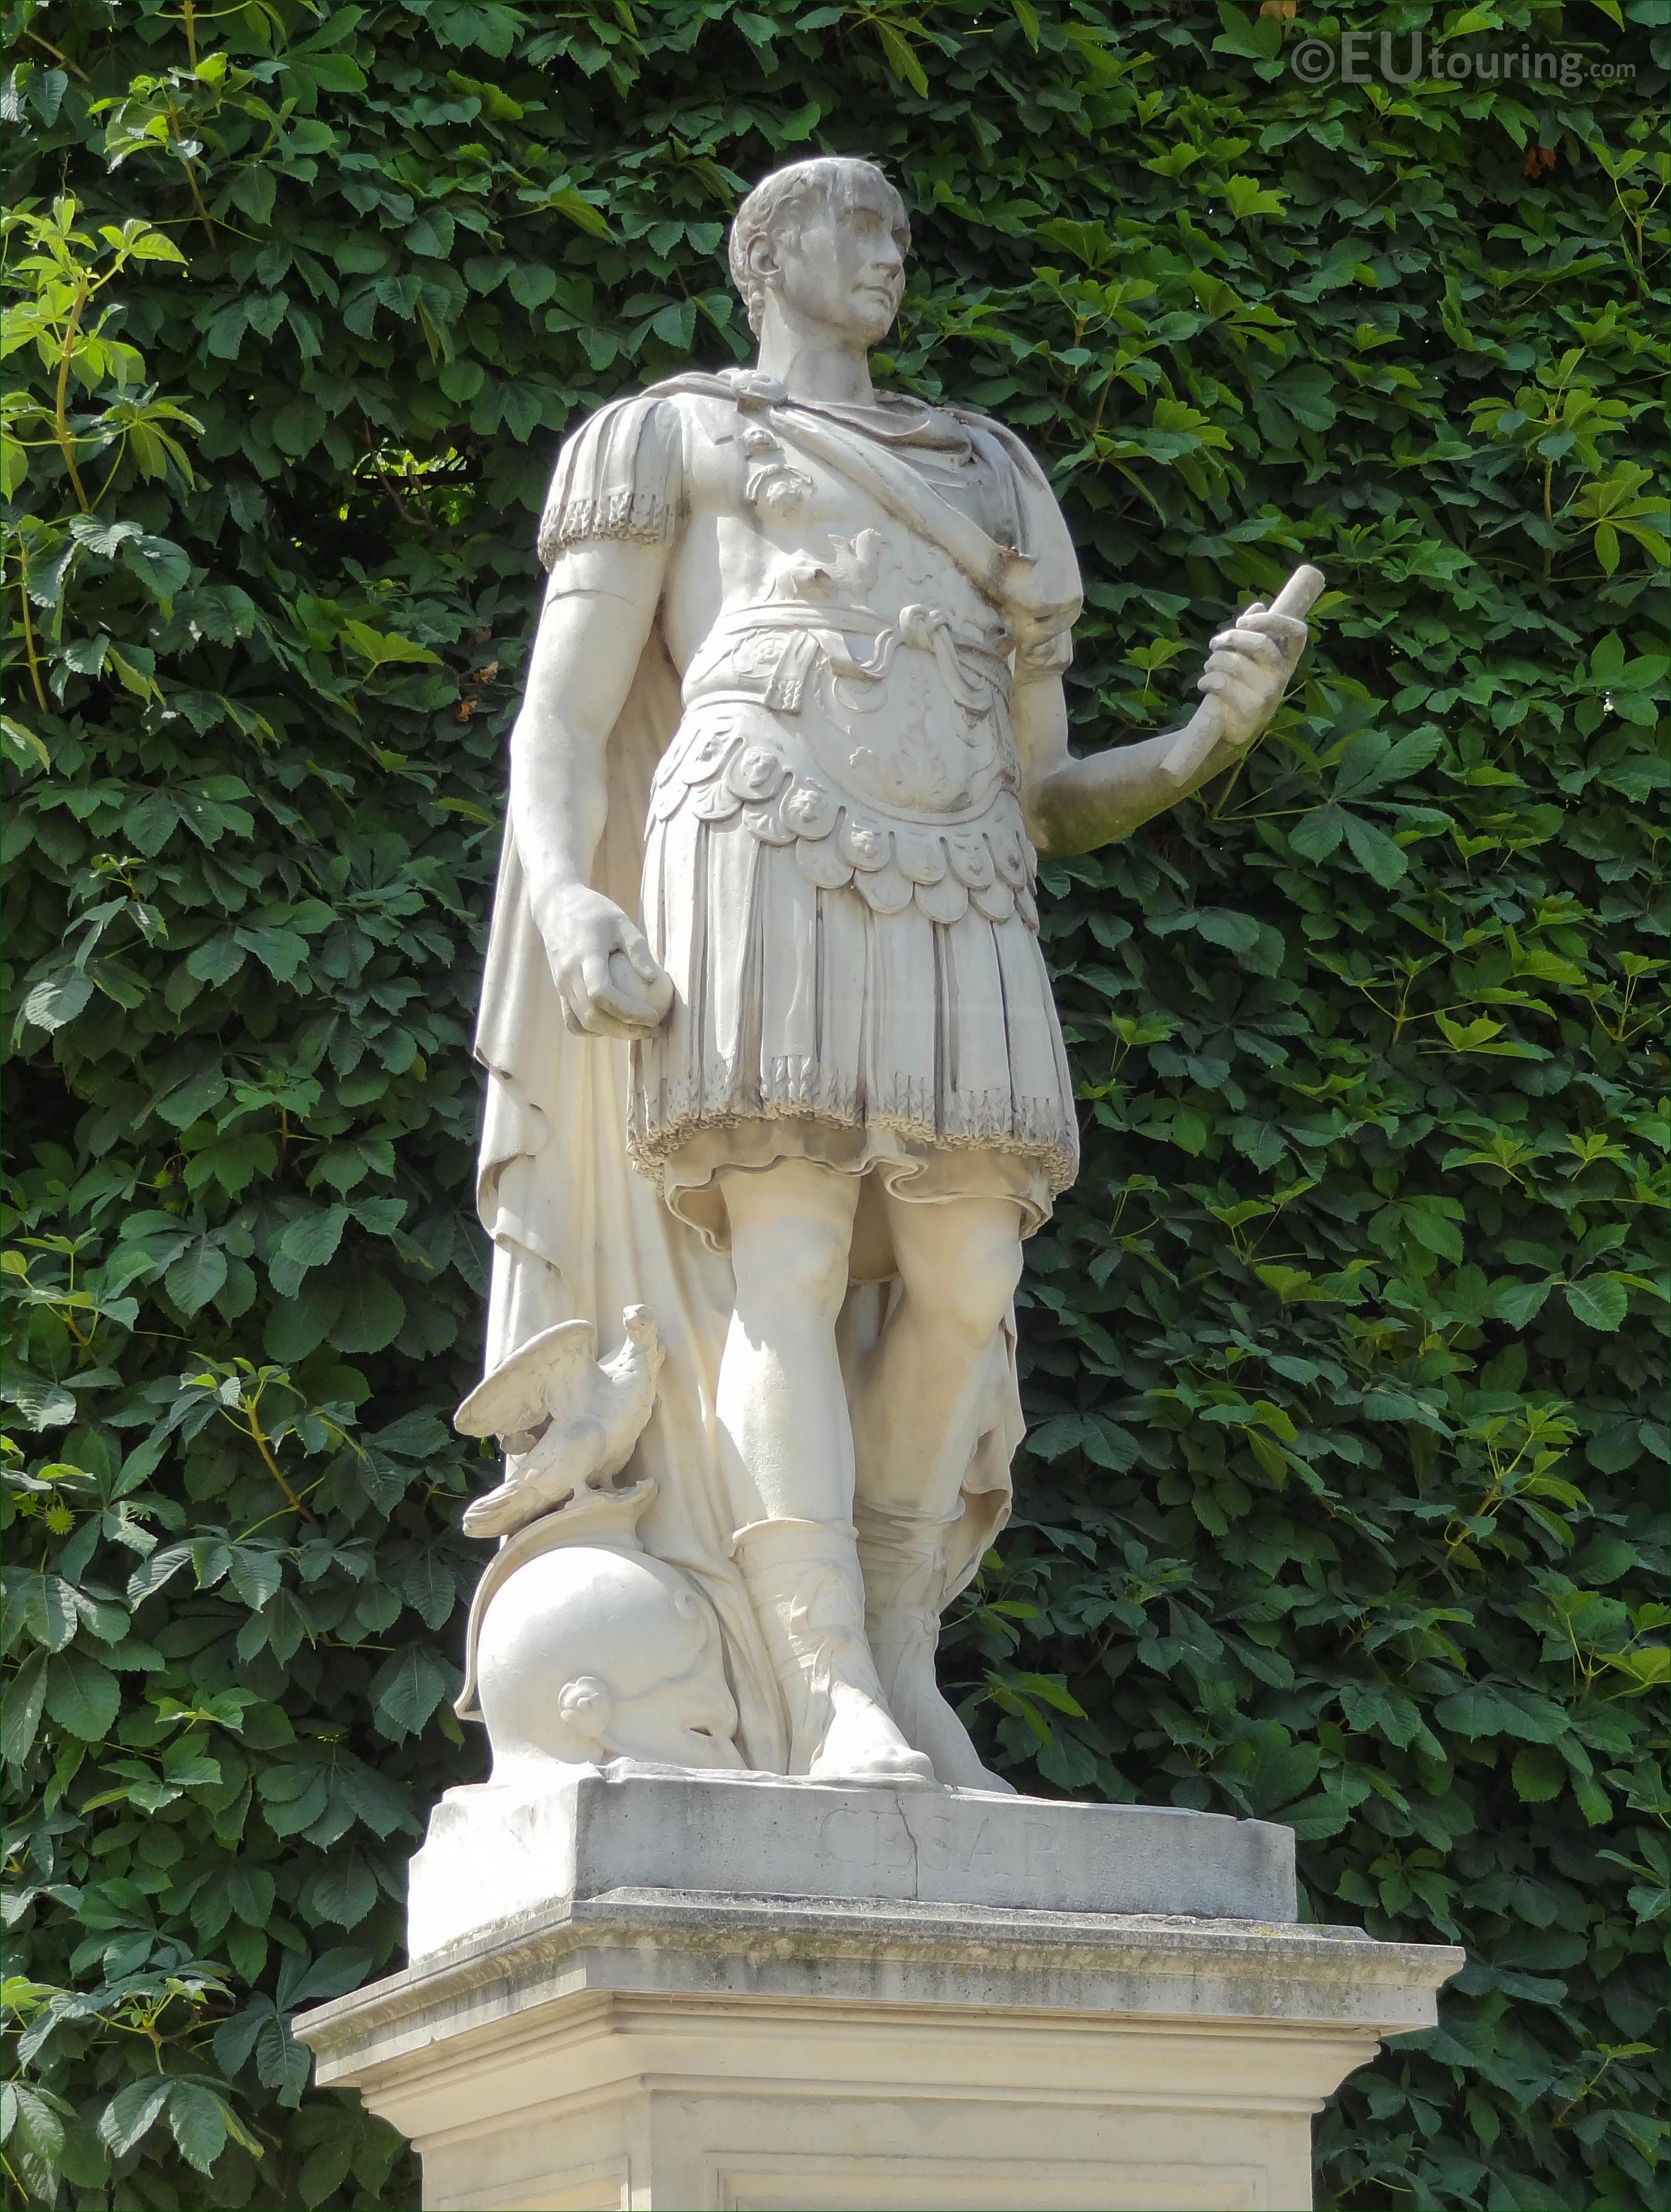 Photos of Julius Caesar statue in Jardin des Tuileries ...